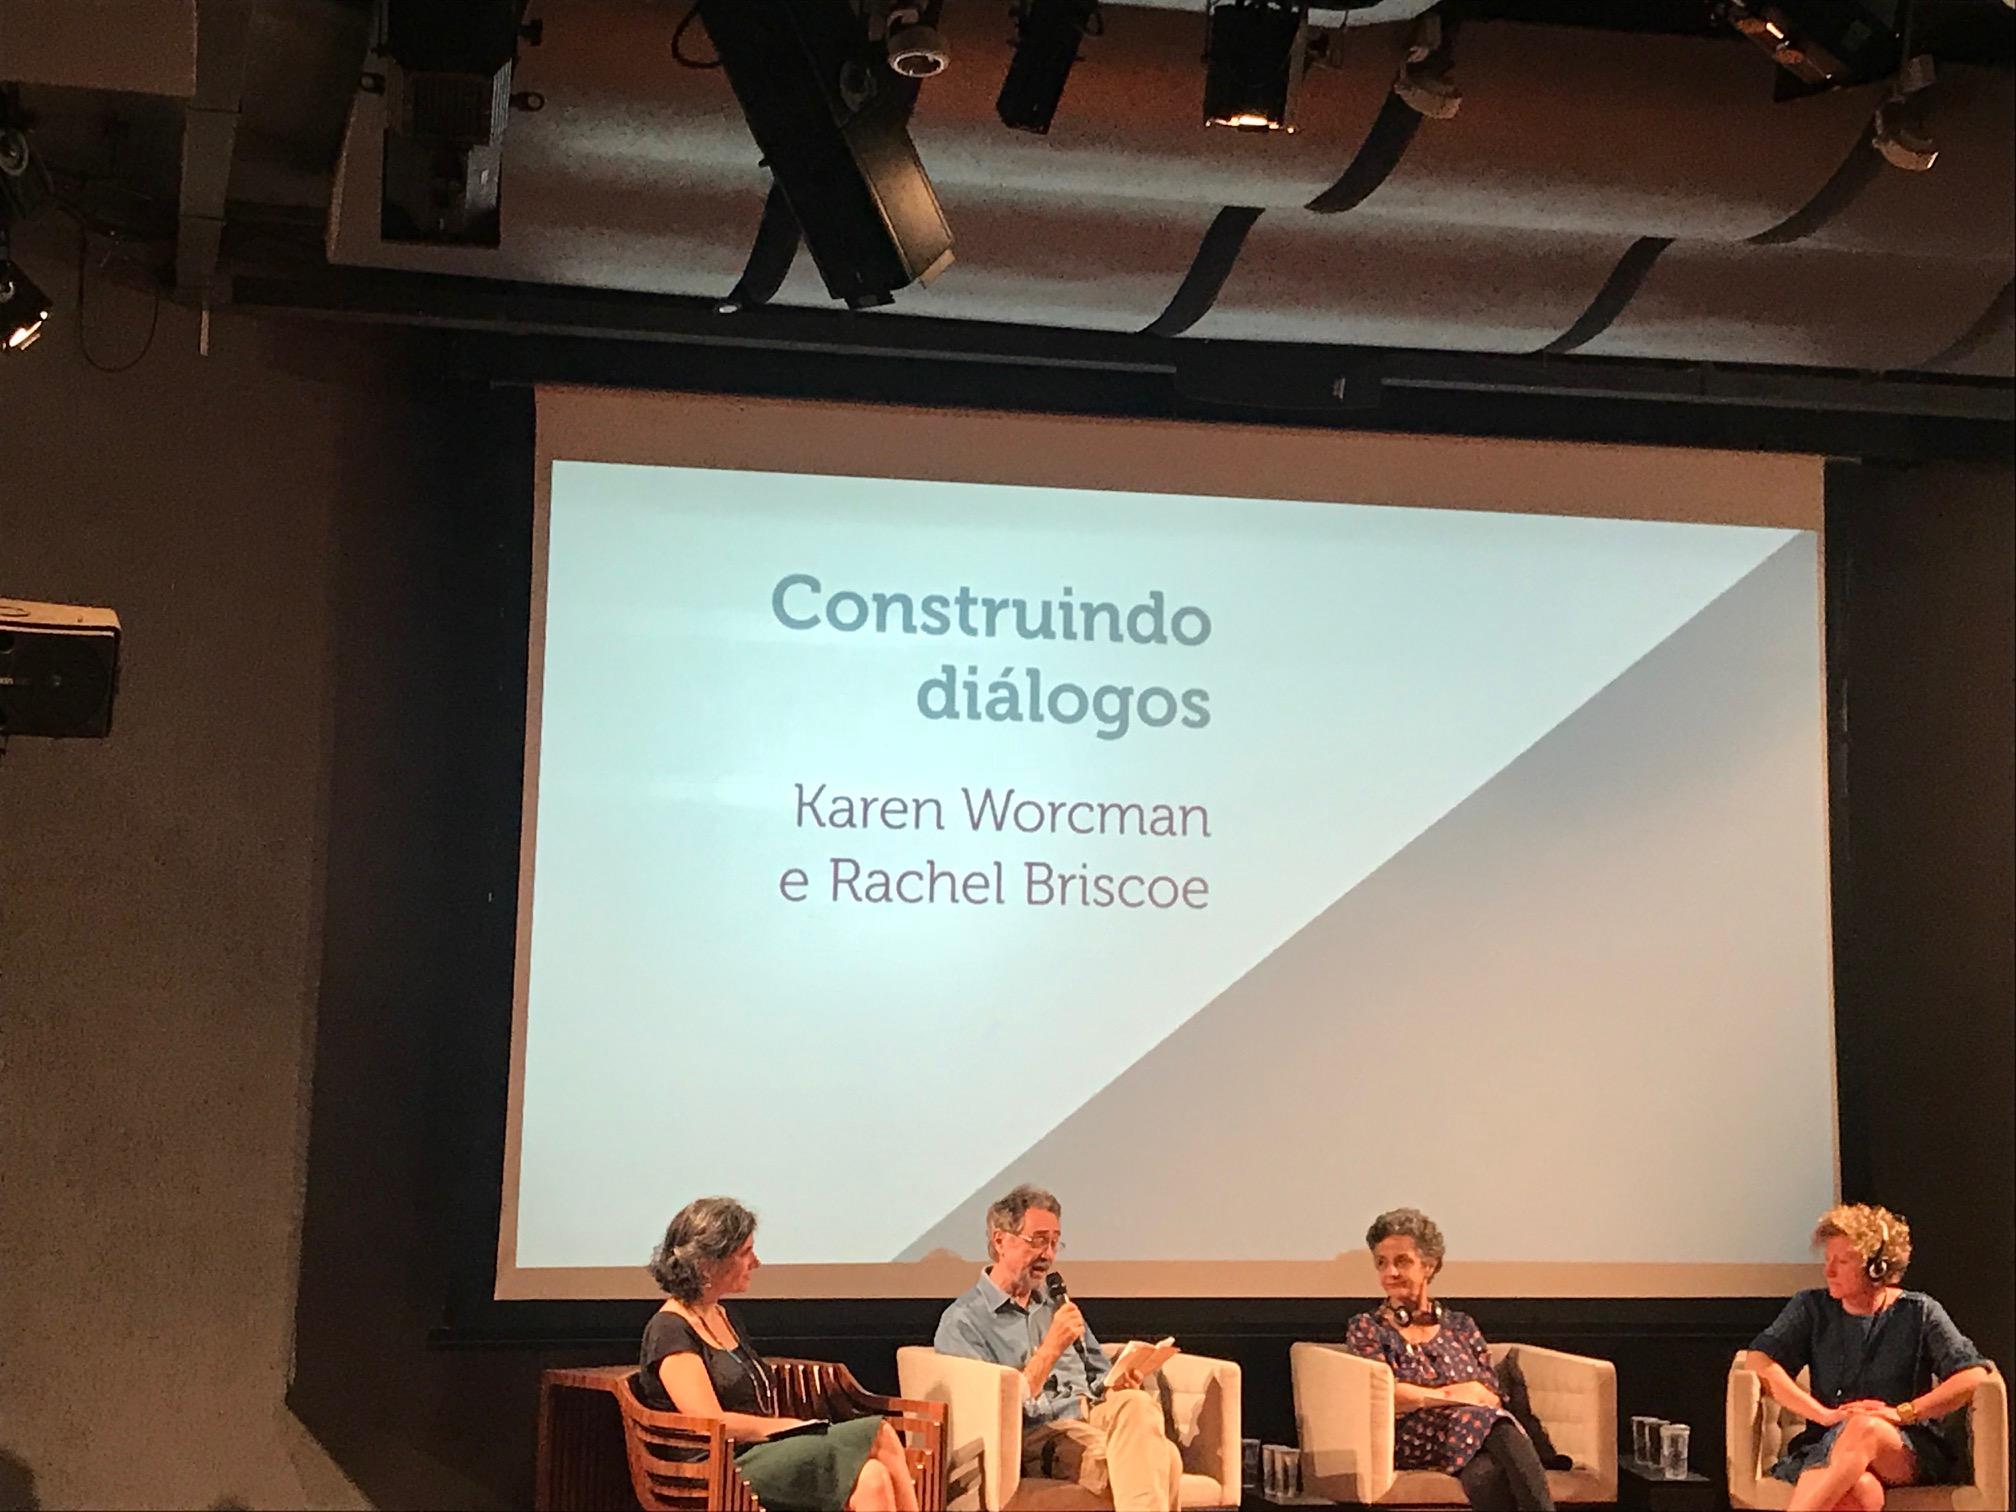 O brasileiro é extremamente empático, mas porque parece o contrário? 4